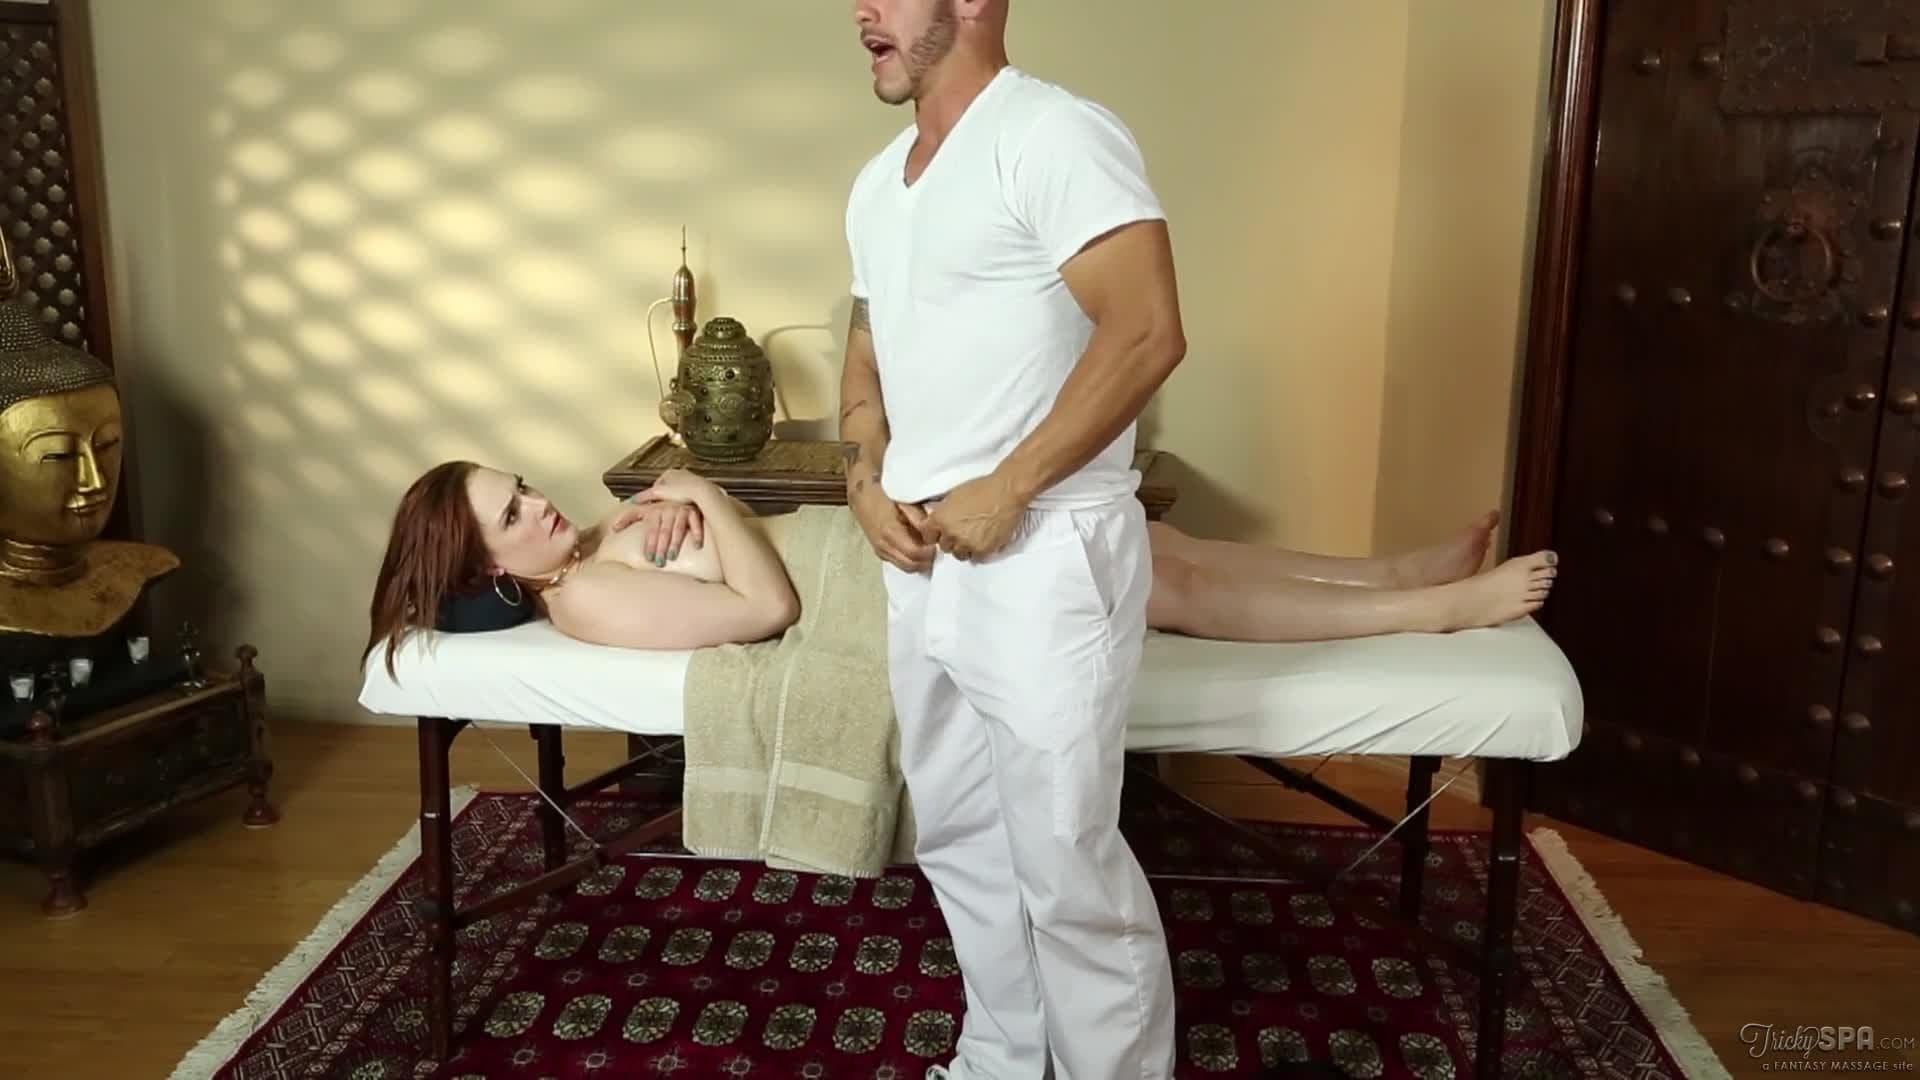 Siri massaggio porno